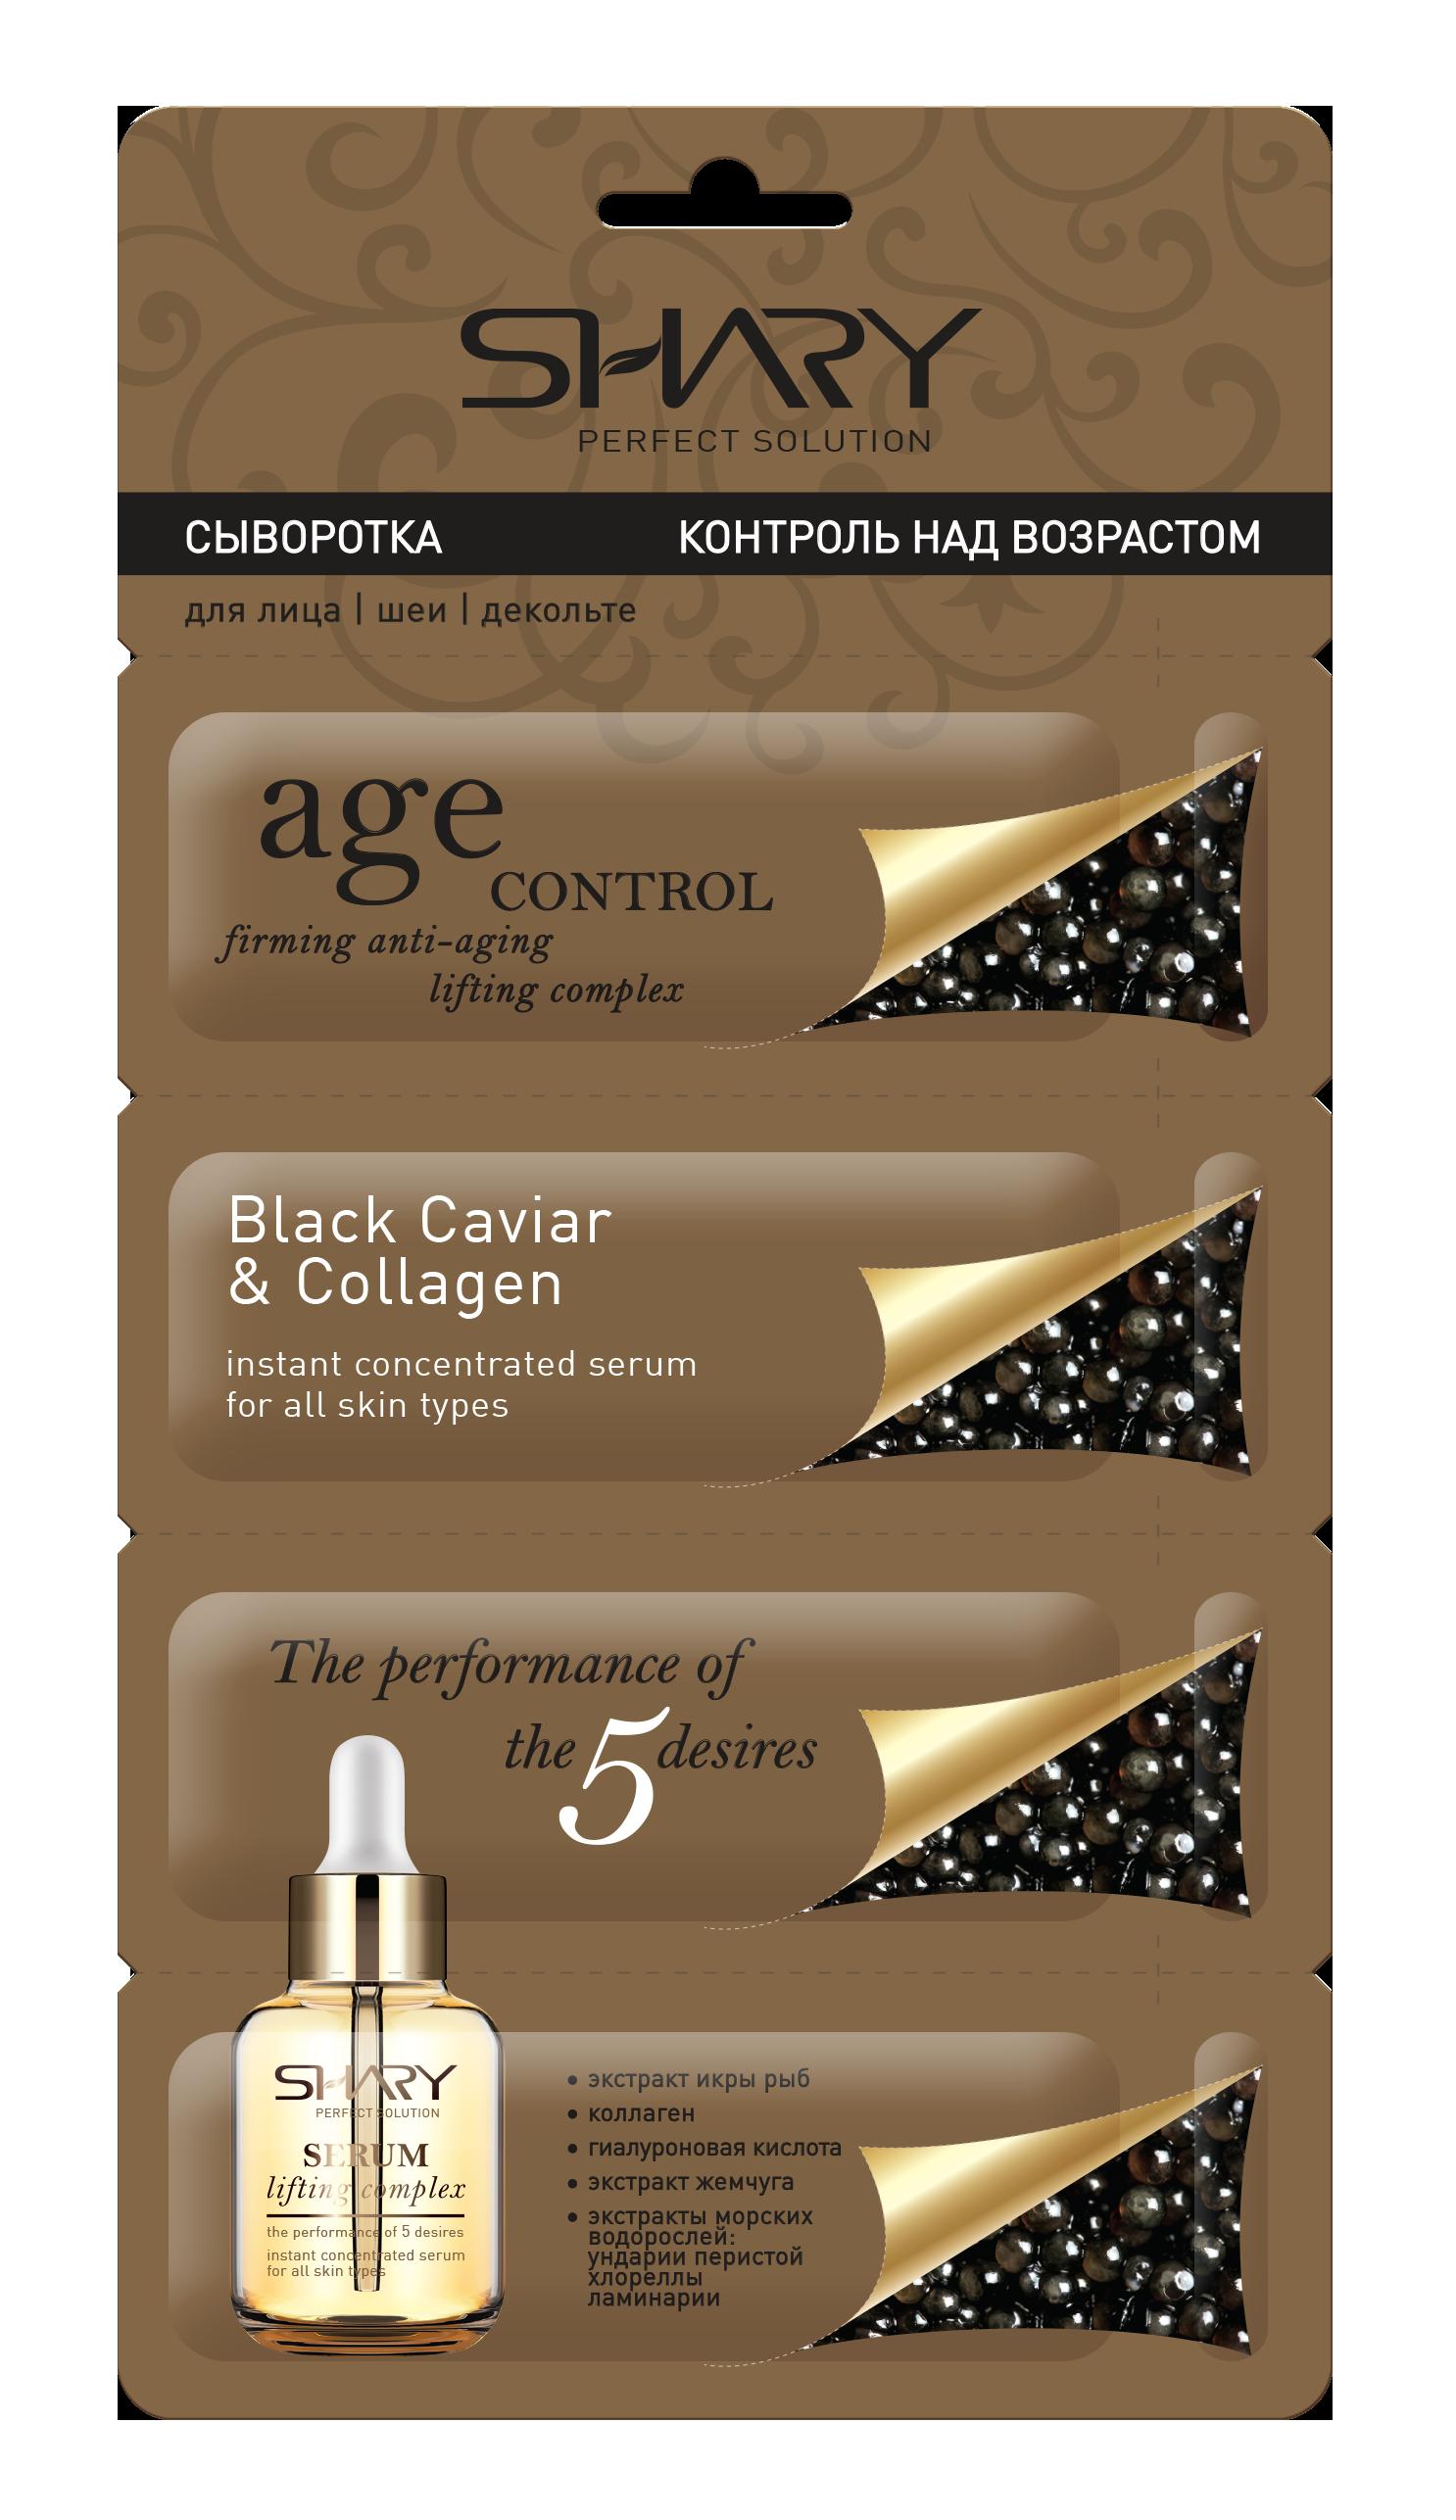 SHARY Сыворотка для лица, шеи, декольте Контроль над возрастом Черная икра и коллаген / SHARY 2г х 4 штСыворотки<br>Сыворотка «Контроль над возрастом». Черная икра и коллаген. Антивозрастной укрепляющий лифтинг-комплекс, для всех типов кожи лица, шеи и области декольте. 1 упаковка на 4 применения (2г*4 шт) Антивозрастная сыворотка с экстрактом черной икры и коллагеном содержит питательные и замедляющие процесс старения ингредиенты в высокой концентрации, борется с проявлением основных признаков возрастных изменений, увлажняет и обновляет кожу. Разглаживает линии морщин, повышая плотность кожи в области их формирования, и препятствует появлению новых. Экстракт черной икры – драгоценный ингредиент, богатый витаминами и аминокислотами, благодаря чему он усиливает регенерацию клеток, восстанавливая утраченную упругость и эластичность. Контур лица становится более четким, кожа разглаживается и наполняется энергией. Приятная текстура и нежный аромат доставляют большое удовольствие при нанесении на кожу. Активные ингредиенты: экстракт икры рыб, коллаген, гиалуроновая кислота, экстракт жемчуга, экстракты морских водорослей: ундарии перистой, хлореллы, ламинарии. Состав: Water, Glycerin, Caprylic/ Capric triglyceride, Caviar Extract, Pearl Extract, Laminaria Japonica Extract, Undaria Pinnatifida Extract, Chlorella Minutissima Extract, Hydrolyzed Collagen, Sodium Hyaluronate, Cetearyl Alcohol, Dimethicone, Glyceryl Stearate, Allantoin, Trehalose, Stearic Acid, Sorbitan Sesquioleate, Polysorbate 60, Xanthan Gum, Sodium Polyacrylate, Carbomer, Triethanolamine, Disodium EDTA, Ethylhexylglycerin, Phenoxyethanol, Fragrance. Способ применения: 1.Сыворотка наносится 1-2 раза в день на предварительно очищенную кожу по массажным линиям, двигаясь от области шеи и до линии роста волос на лбу, нежными скользящими движениями пальцев. 2. На веки - легкими прикосновениями по кругу от внутреннего угла глаза вверх до наружного угла, по нижнему веку - от наружного до внутреннего угла глаза. 3.